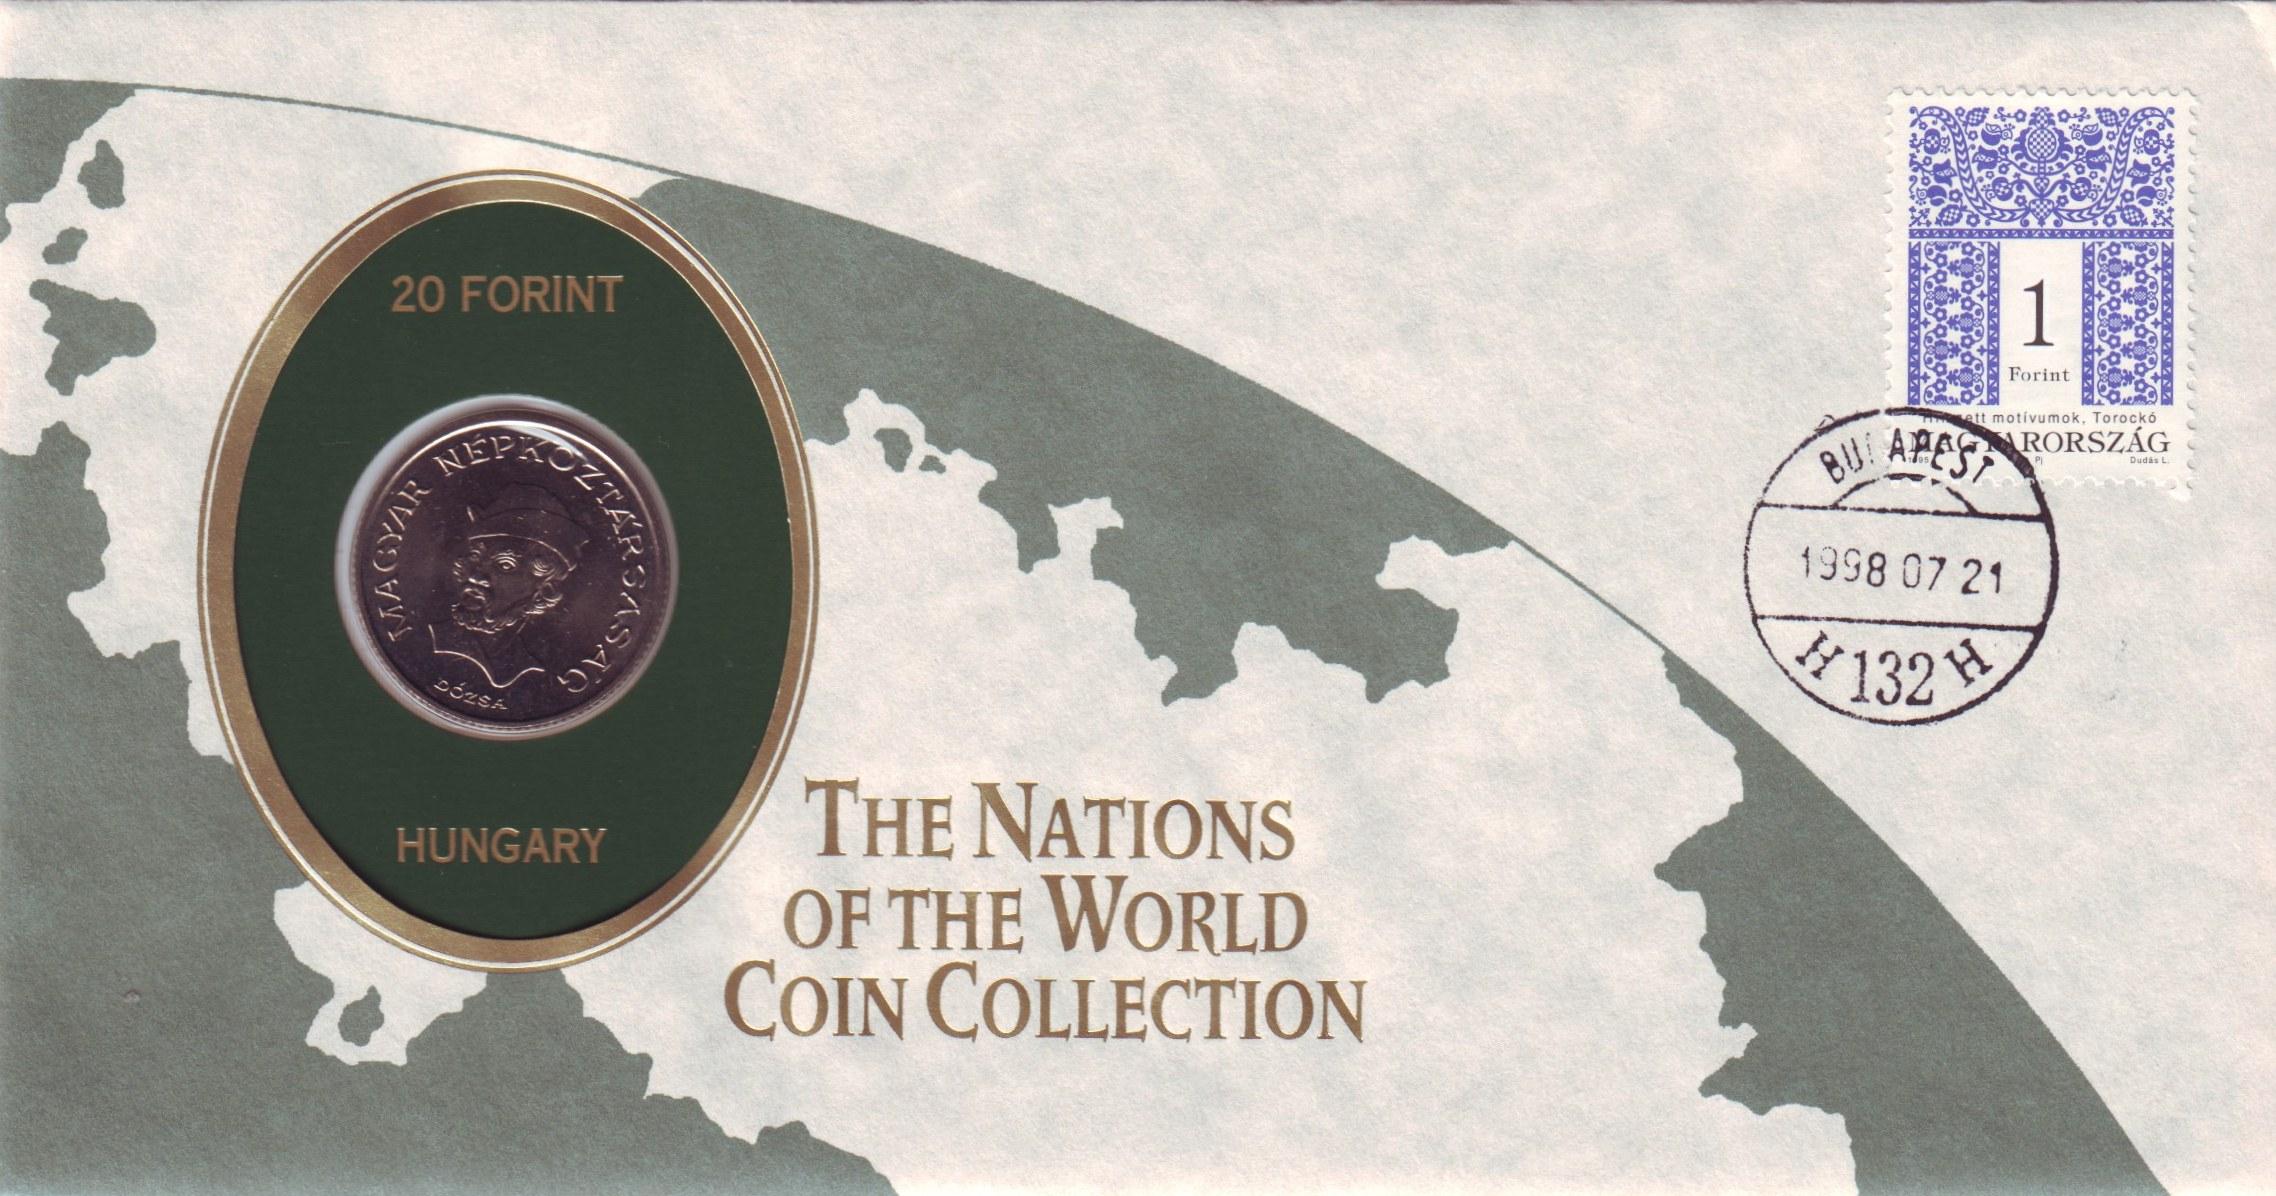 http://www.ermeskepeslap.hu/ermeskepeslapok/the_nations_of_the_world_coin_collection_20ft/www_ermeskepeslap_hu_20ft_the_nations_of_the_world_coin_collection_nagy.jpg